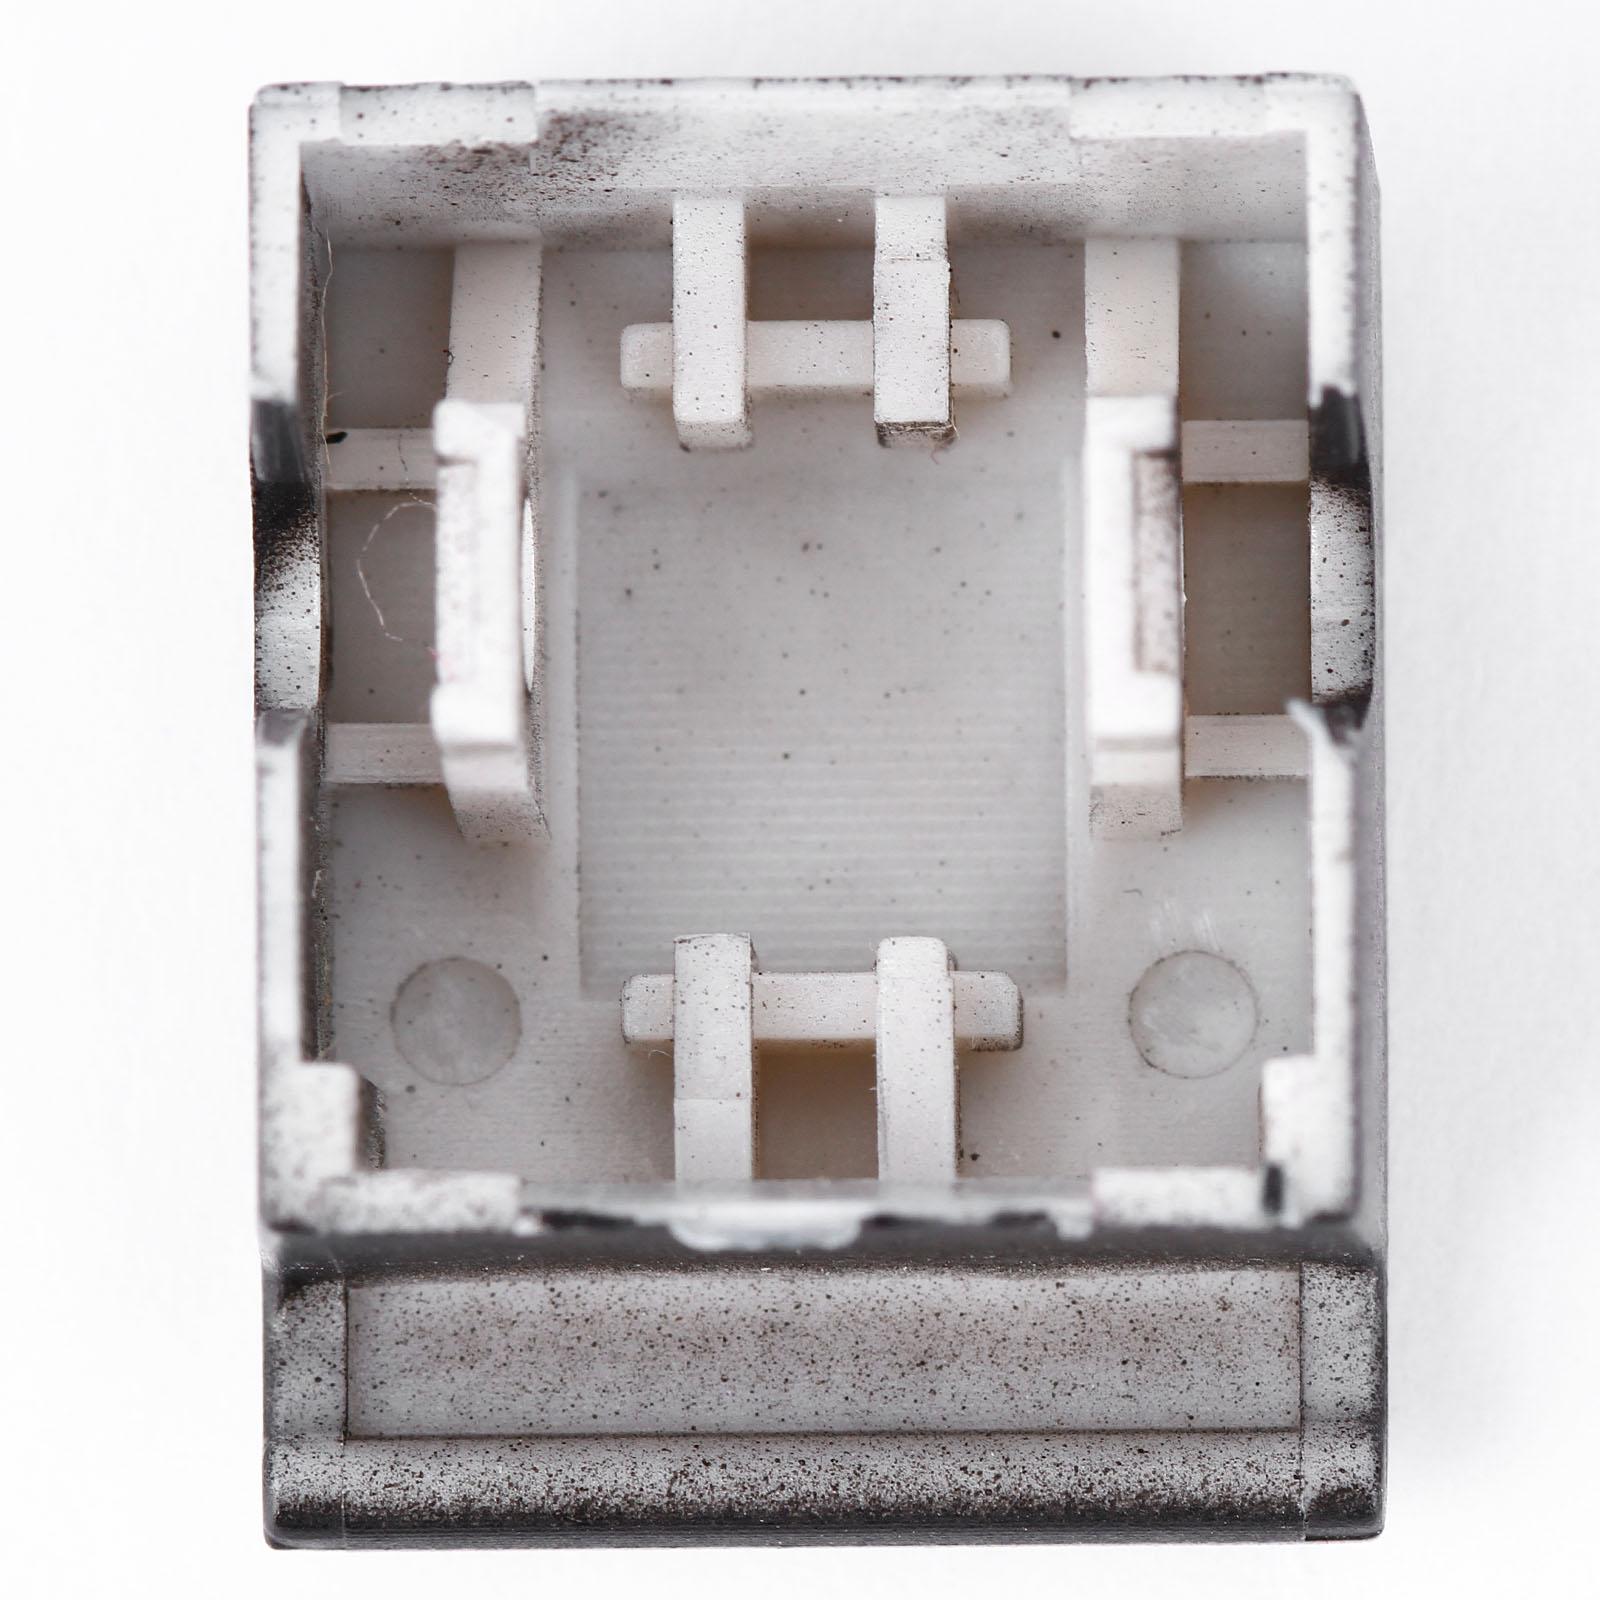 2 X VAUXHALL MERIVA WINDOW REGULATOR RÉPARATION KIT ARRIÈRE DROITE ET GAUCHE